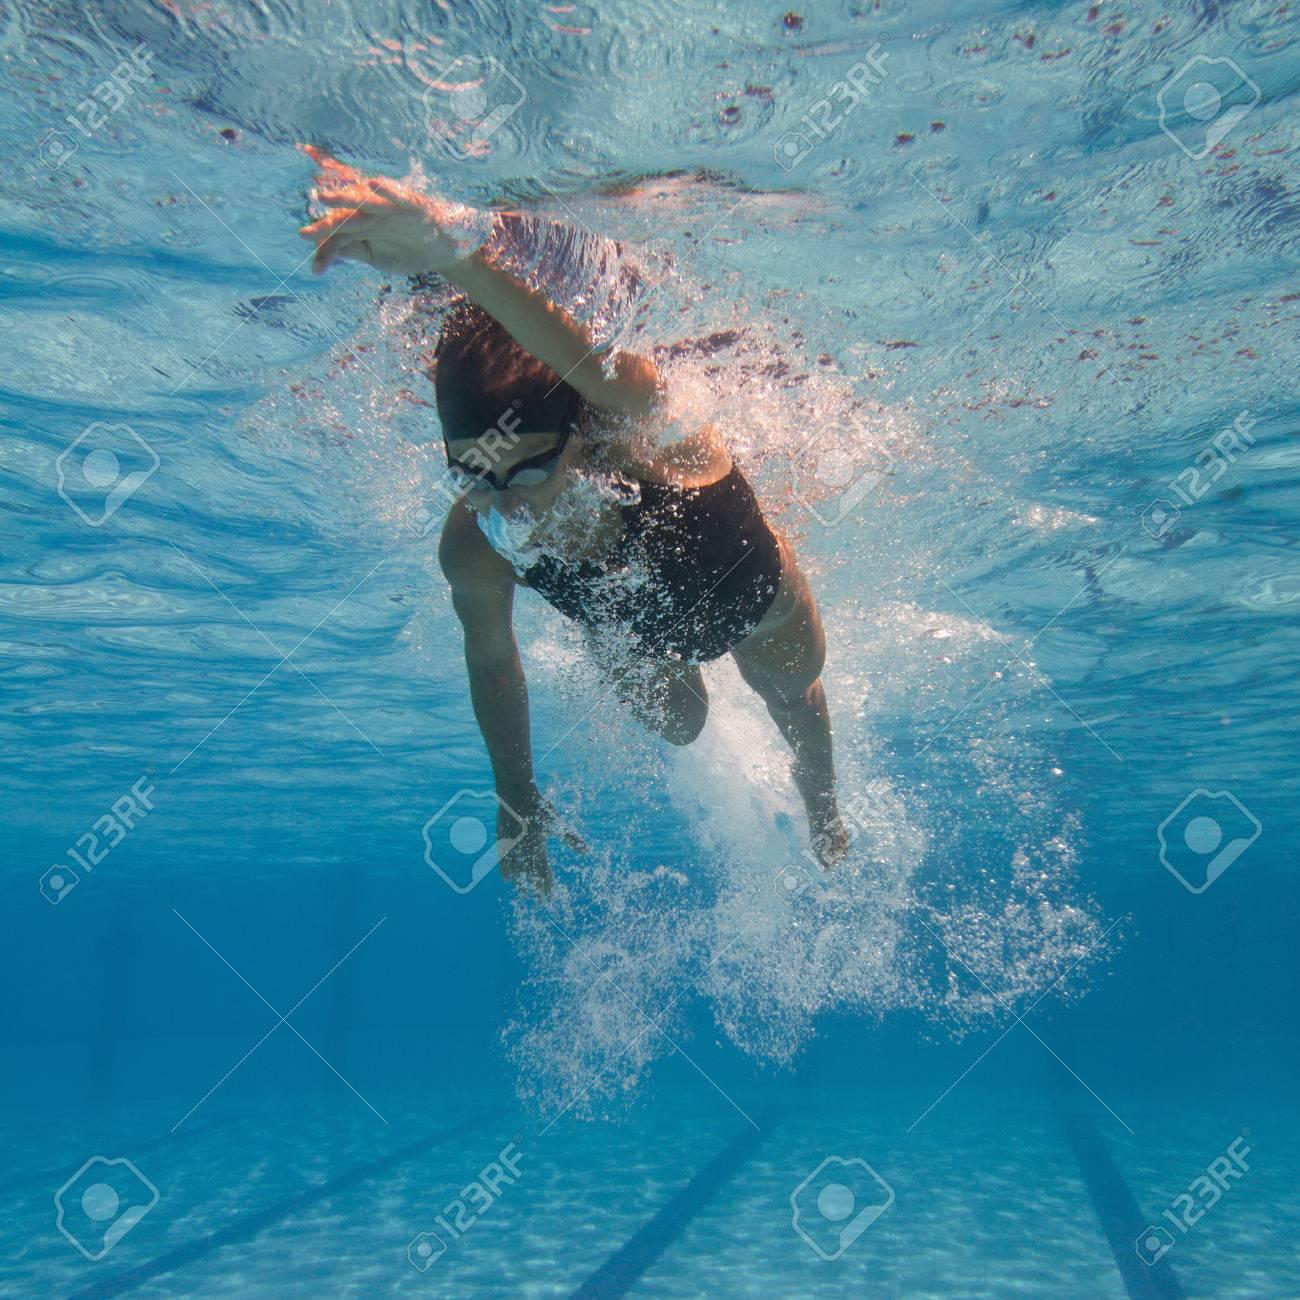 クロール泳者の水中撮影 の写真素材・画像素材 Image 54797082.